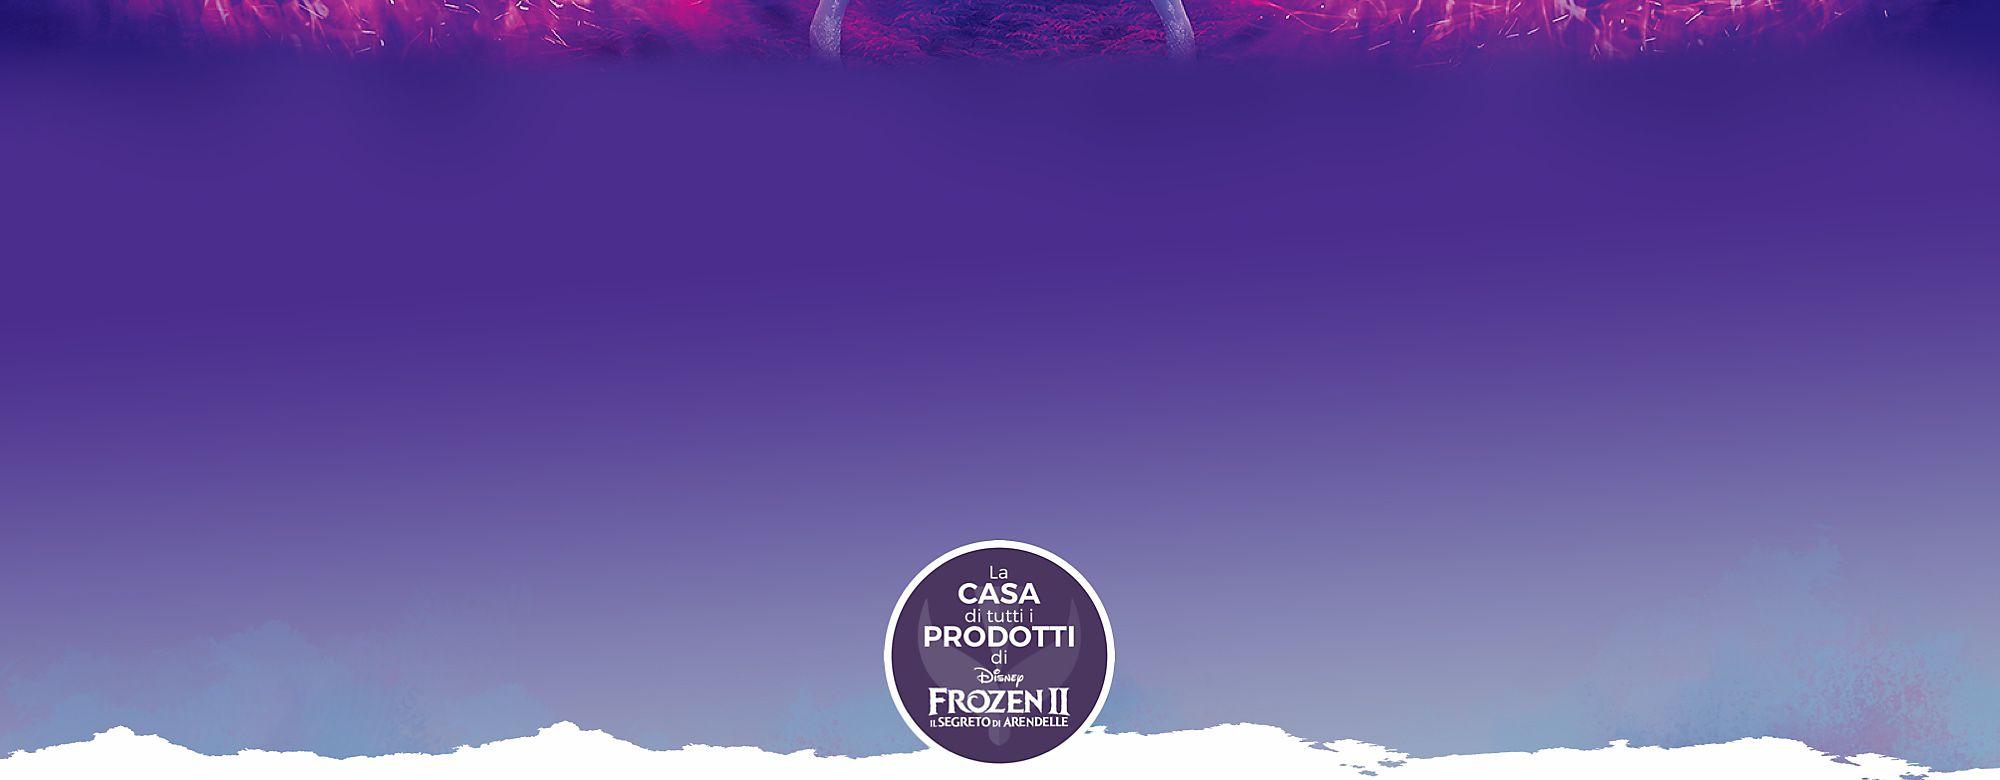 Frozen 2 - Il segreto di Arendelle: prodotti ufficiali, giocattoli, costumi e molto altro ancora! Benvenuti nella casa ufficiale dei prodotti di Frozen 2 inclusi giocattoli, bambole, costumi in maschera e altro ancora. ACQUISTA ORA